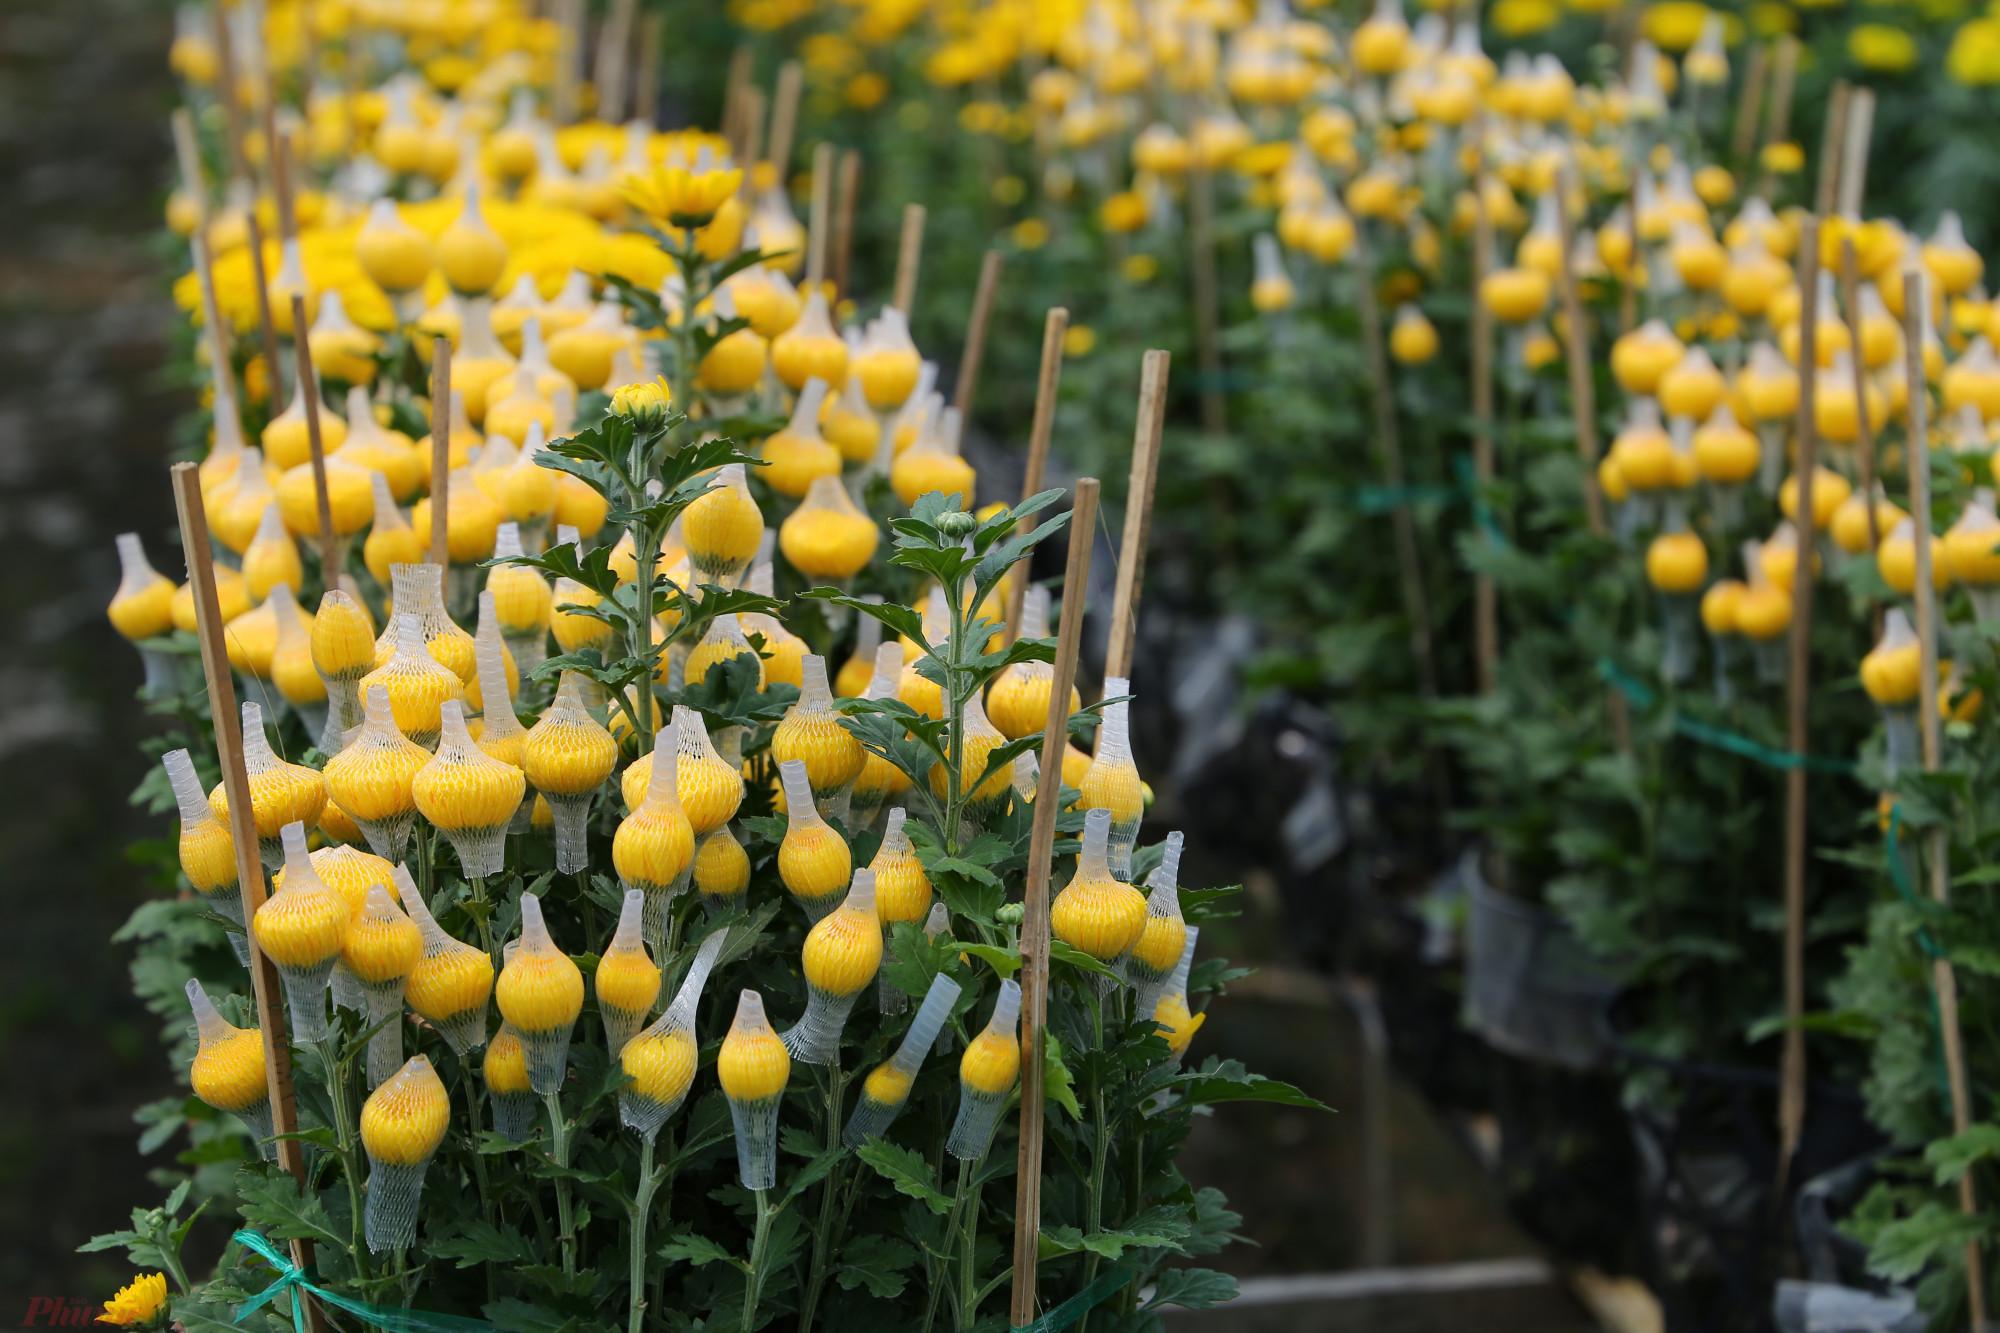 Ngoài cúc mâm xôi, cúc tiger, cúc vàng cánh dài, cúc tím... cũng được các hộ dân trồng nhiều. Những loại hoa này dễ chăm sóc hơn cúc mâm xôi, chỉ mất khoảng 3 tháng hơn. Giá sỉ của chúng dao động từ 100.000-140.000 đồng/cặp.